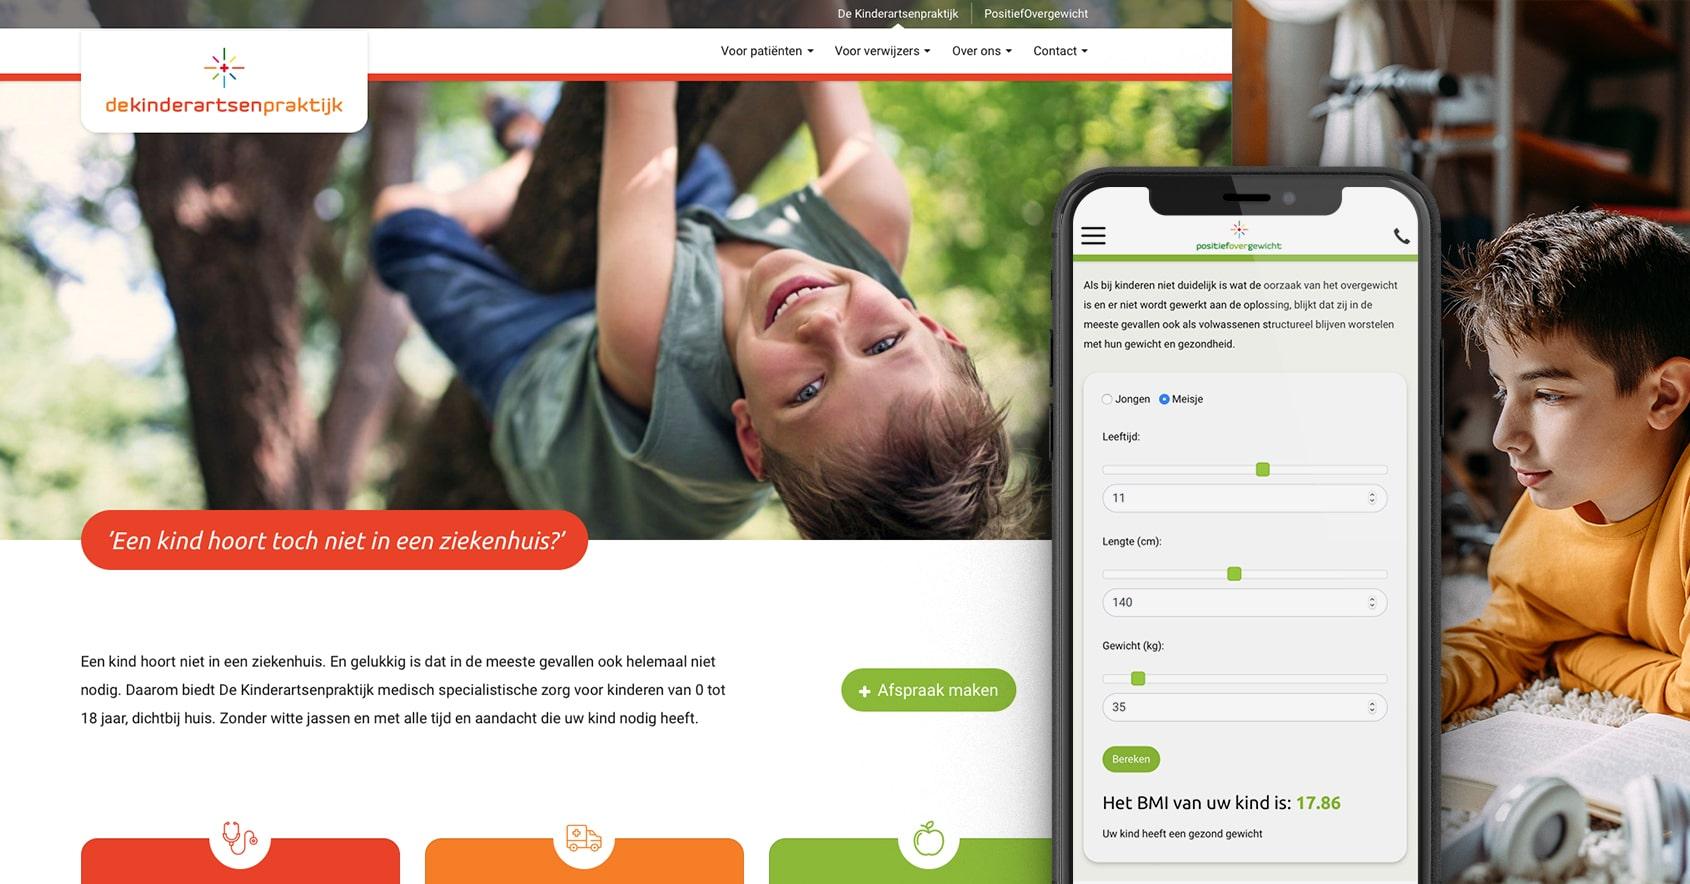 De Kinderartsenpraktijk / PositiefOvergewicht